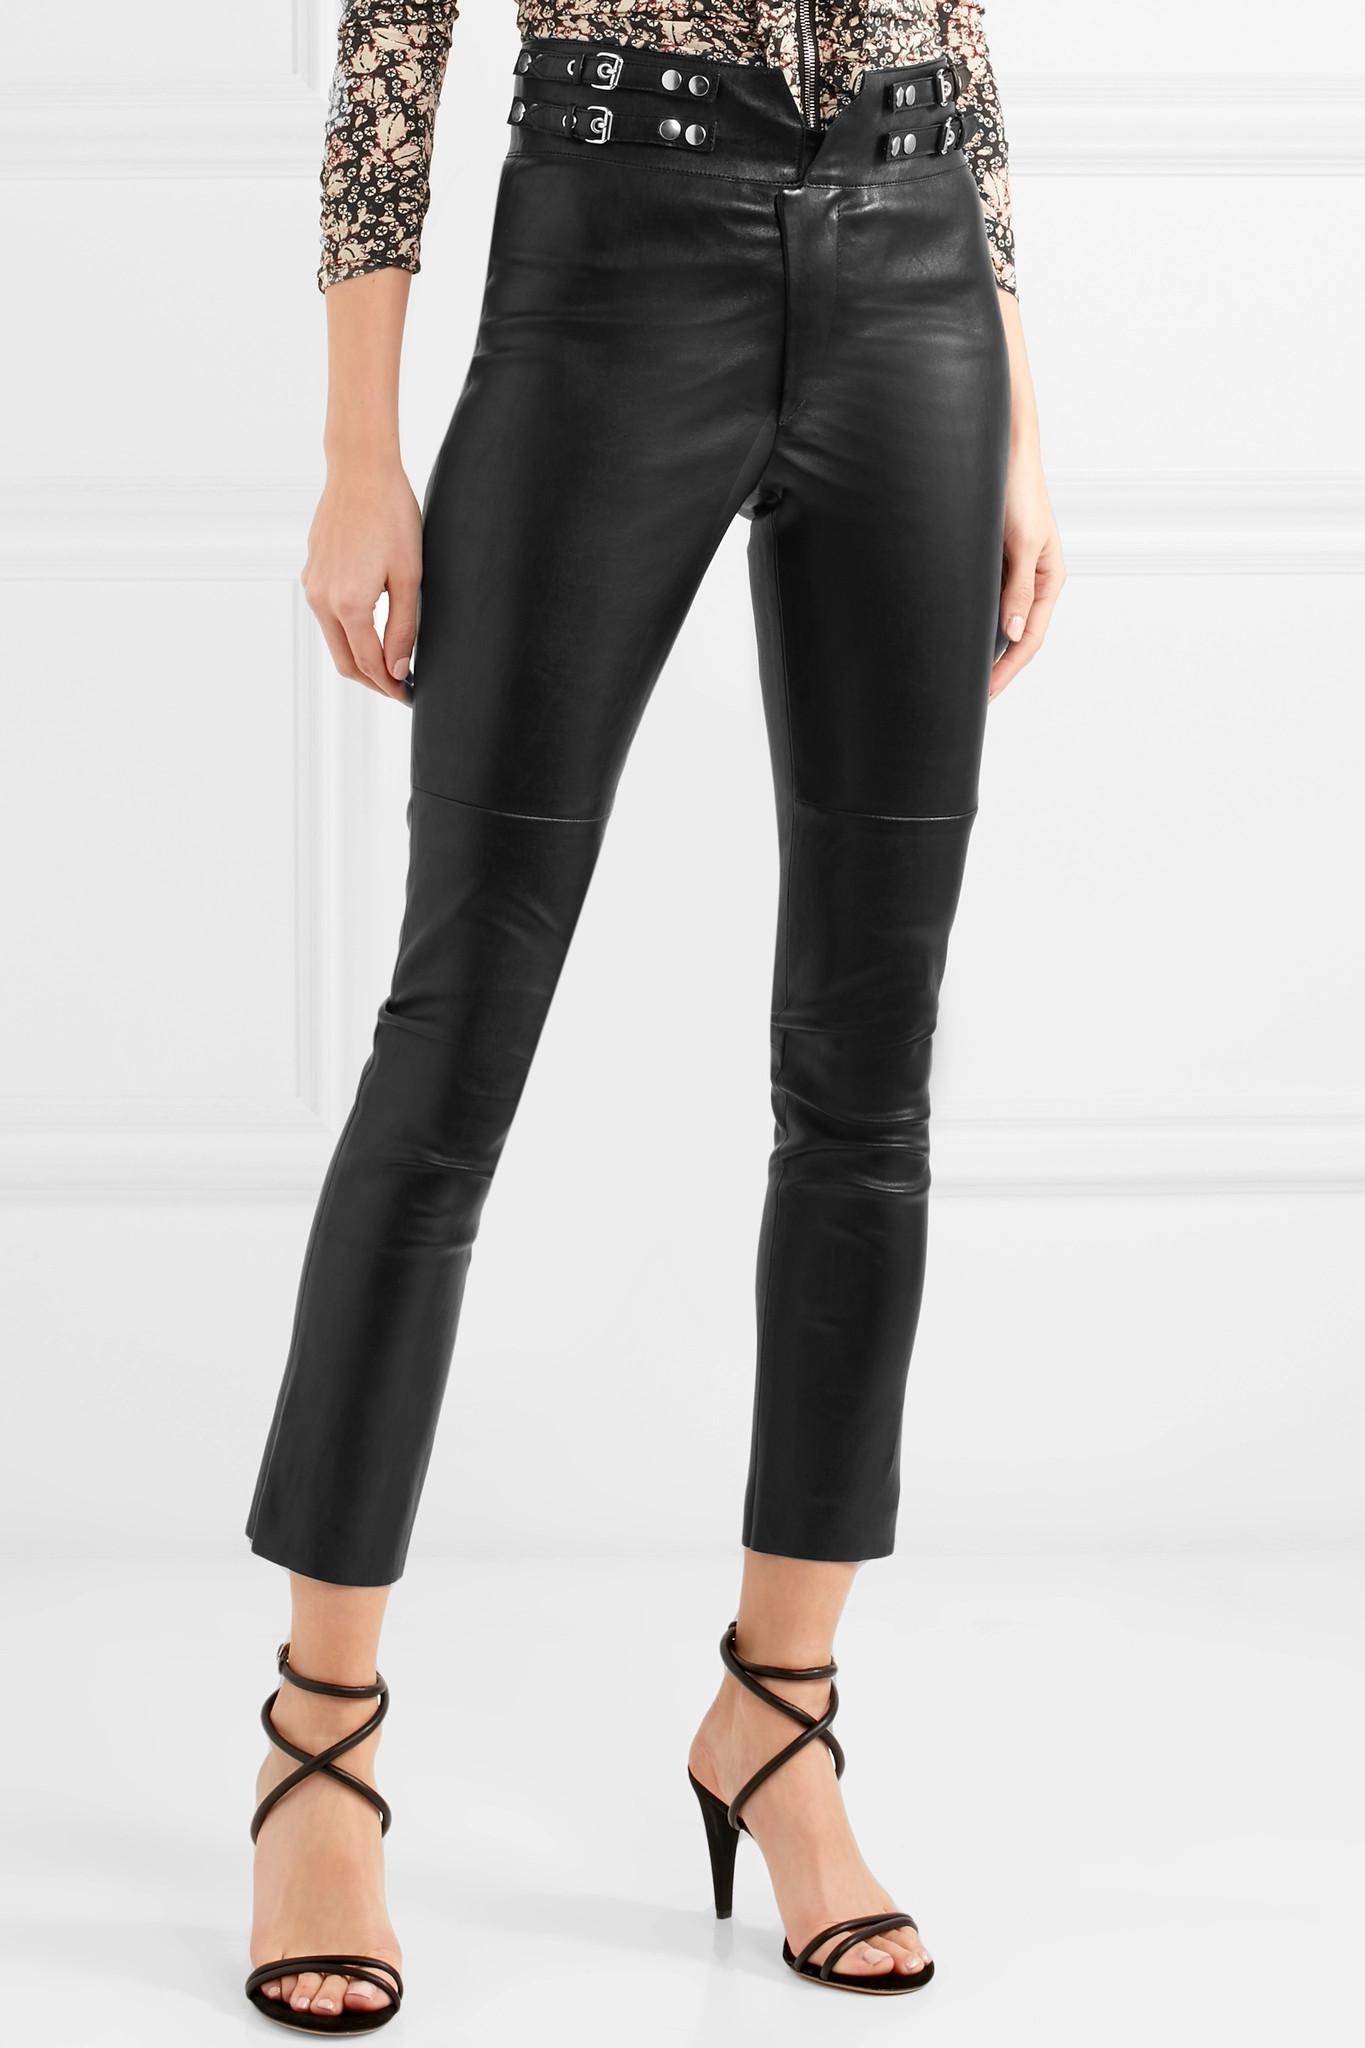 Preydie Leather Skinny Pants - Black Isabel Marant 9W6M6p